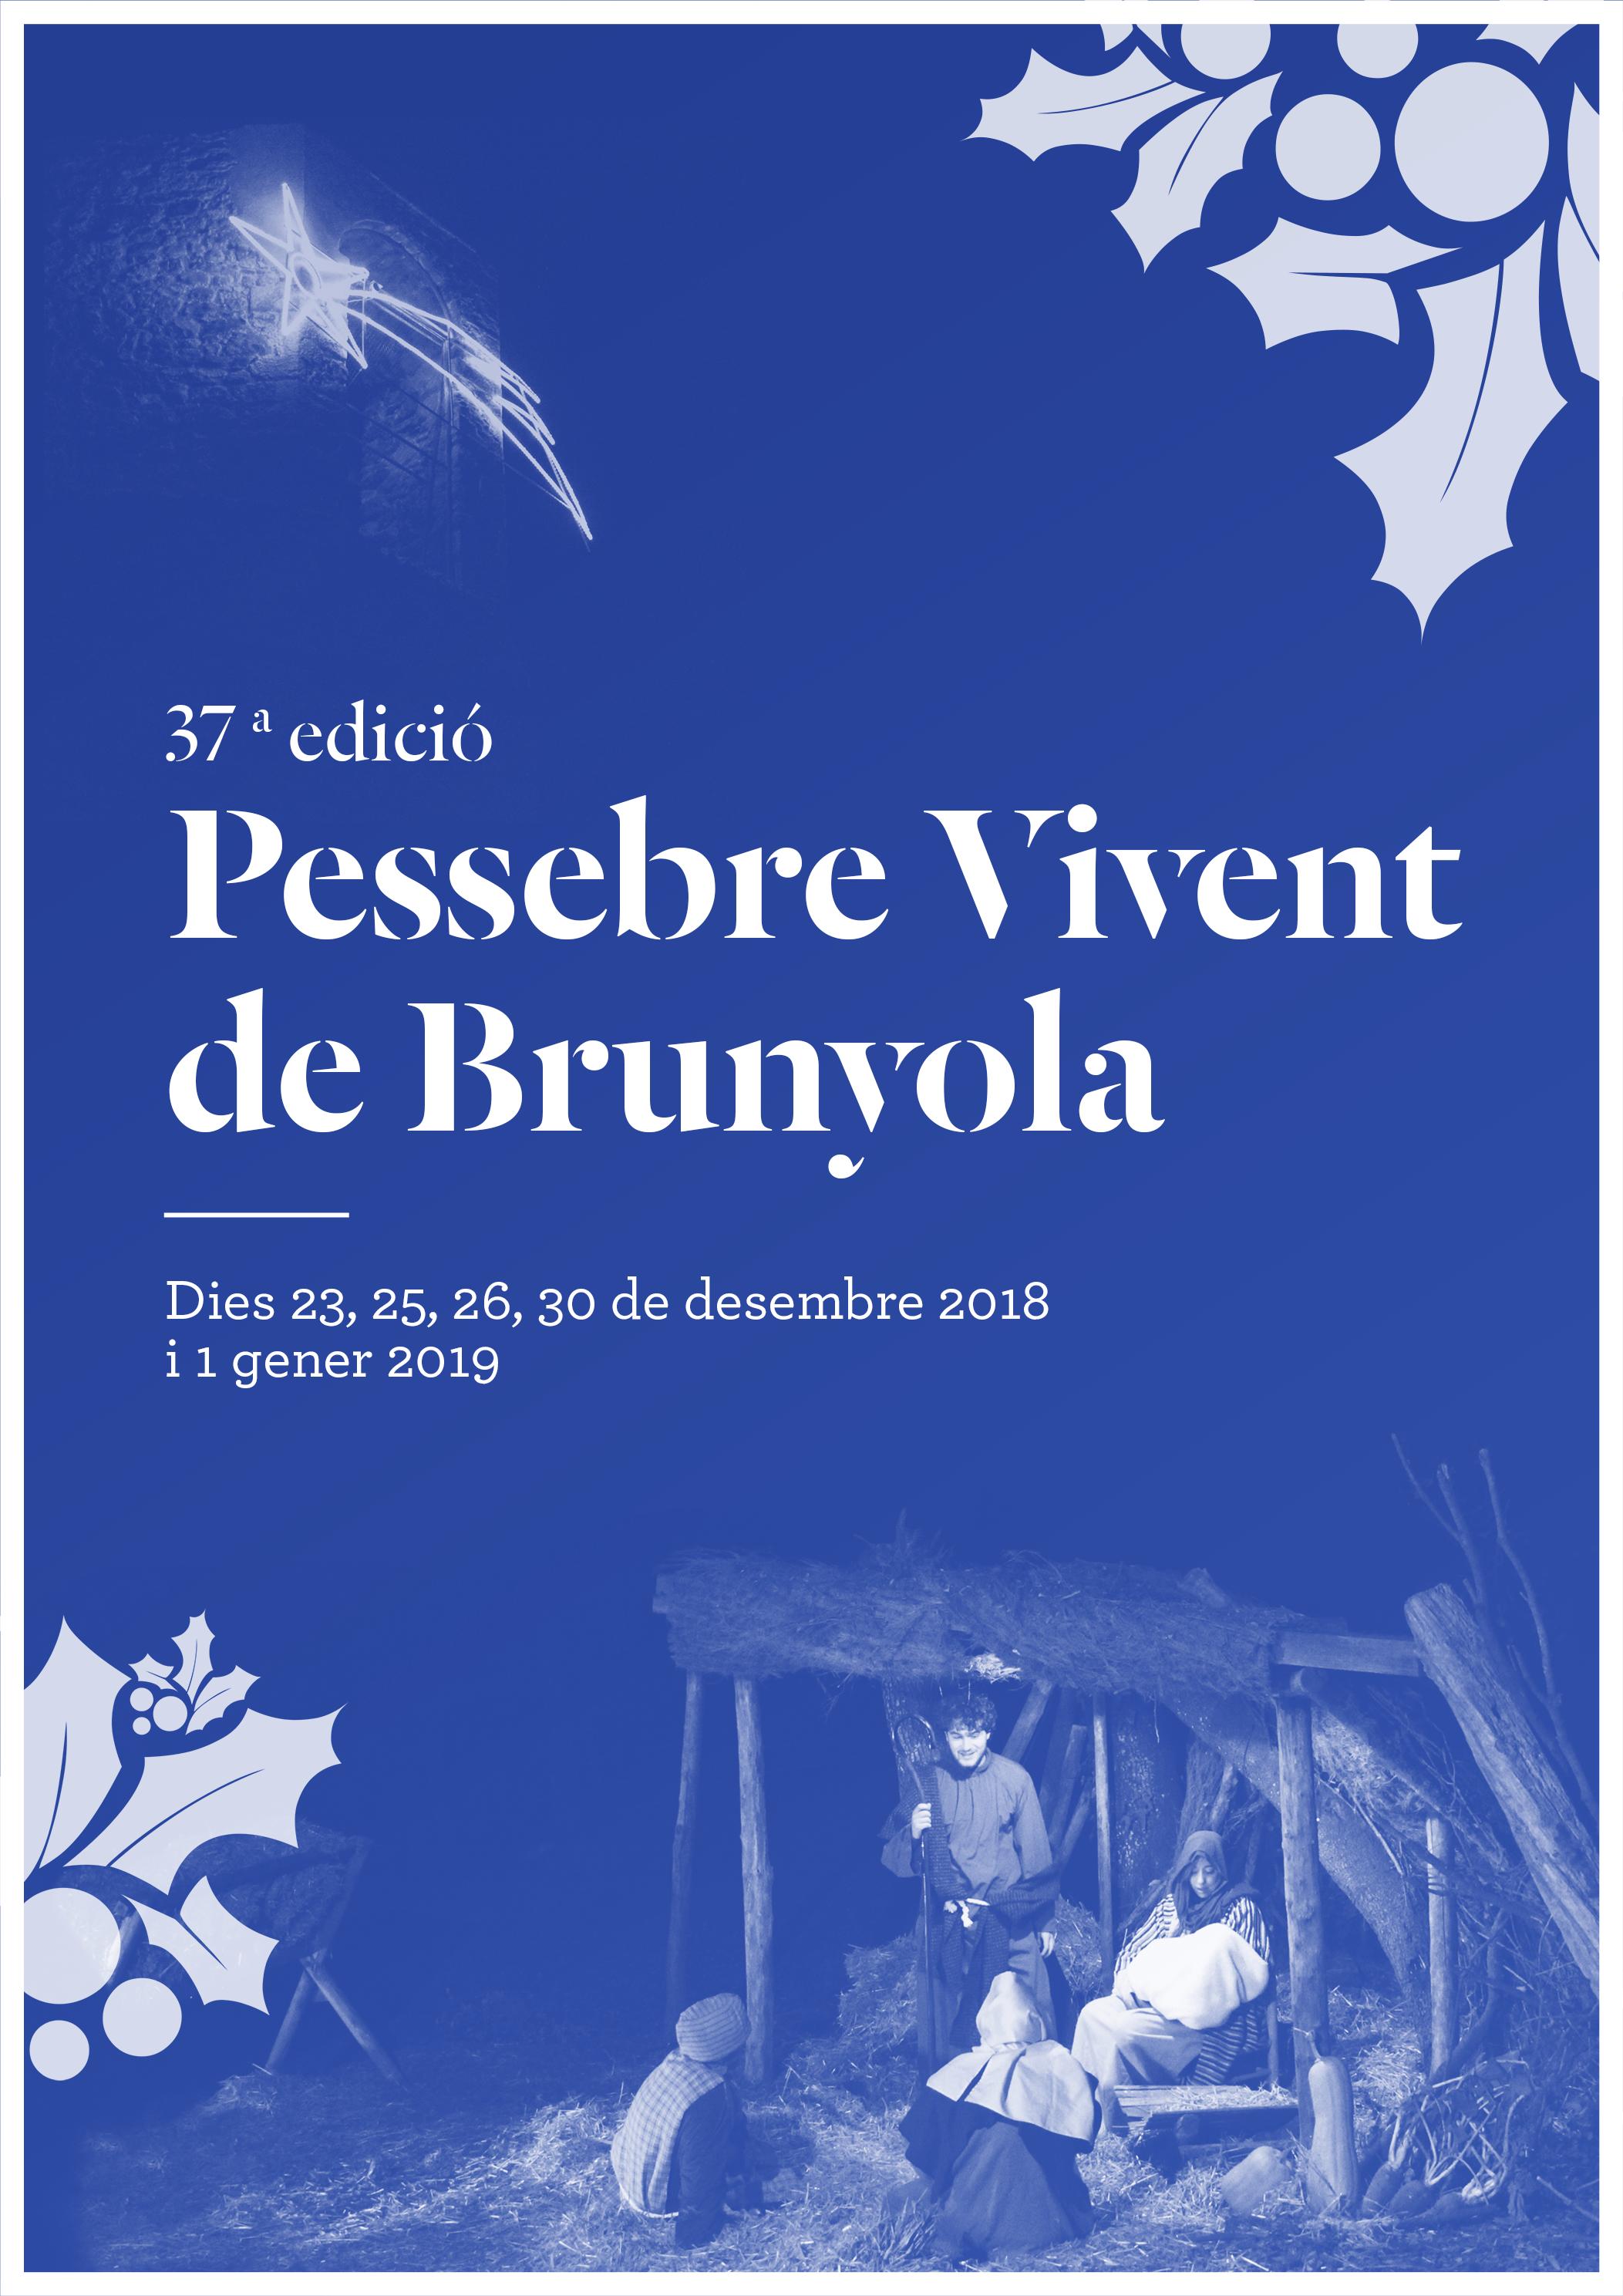 Fulletó 37a edició Pessebre Vivent de Brunyola